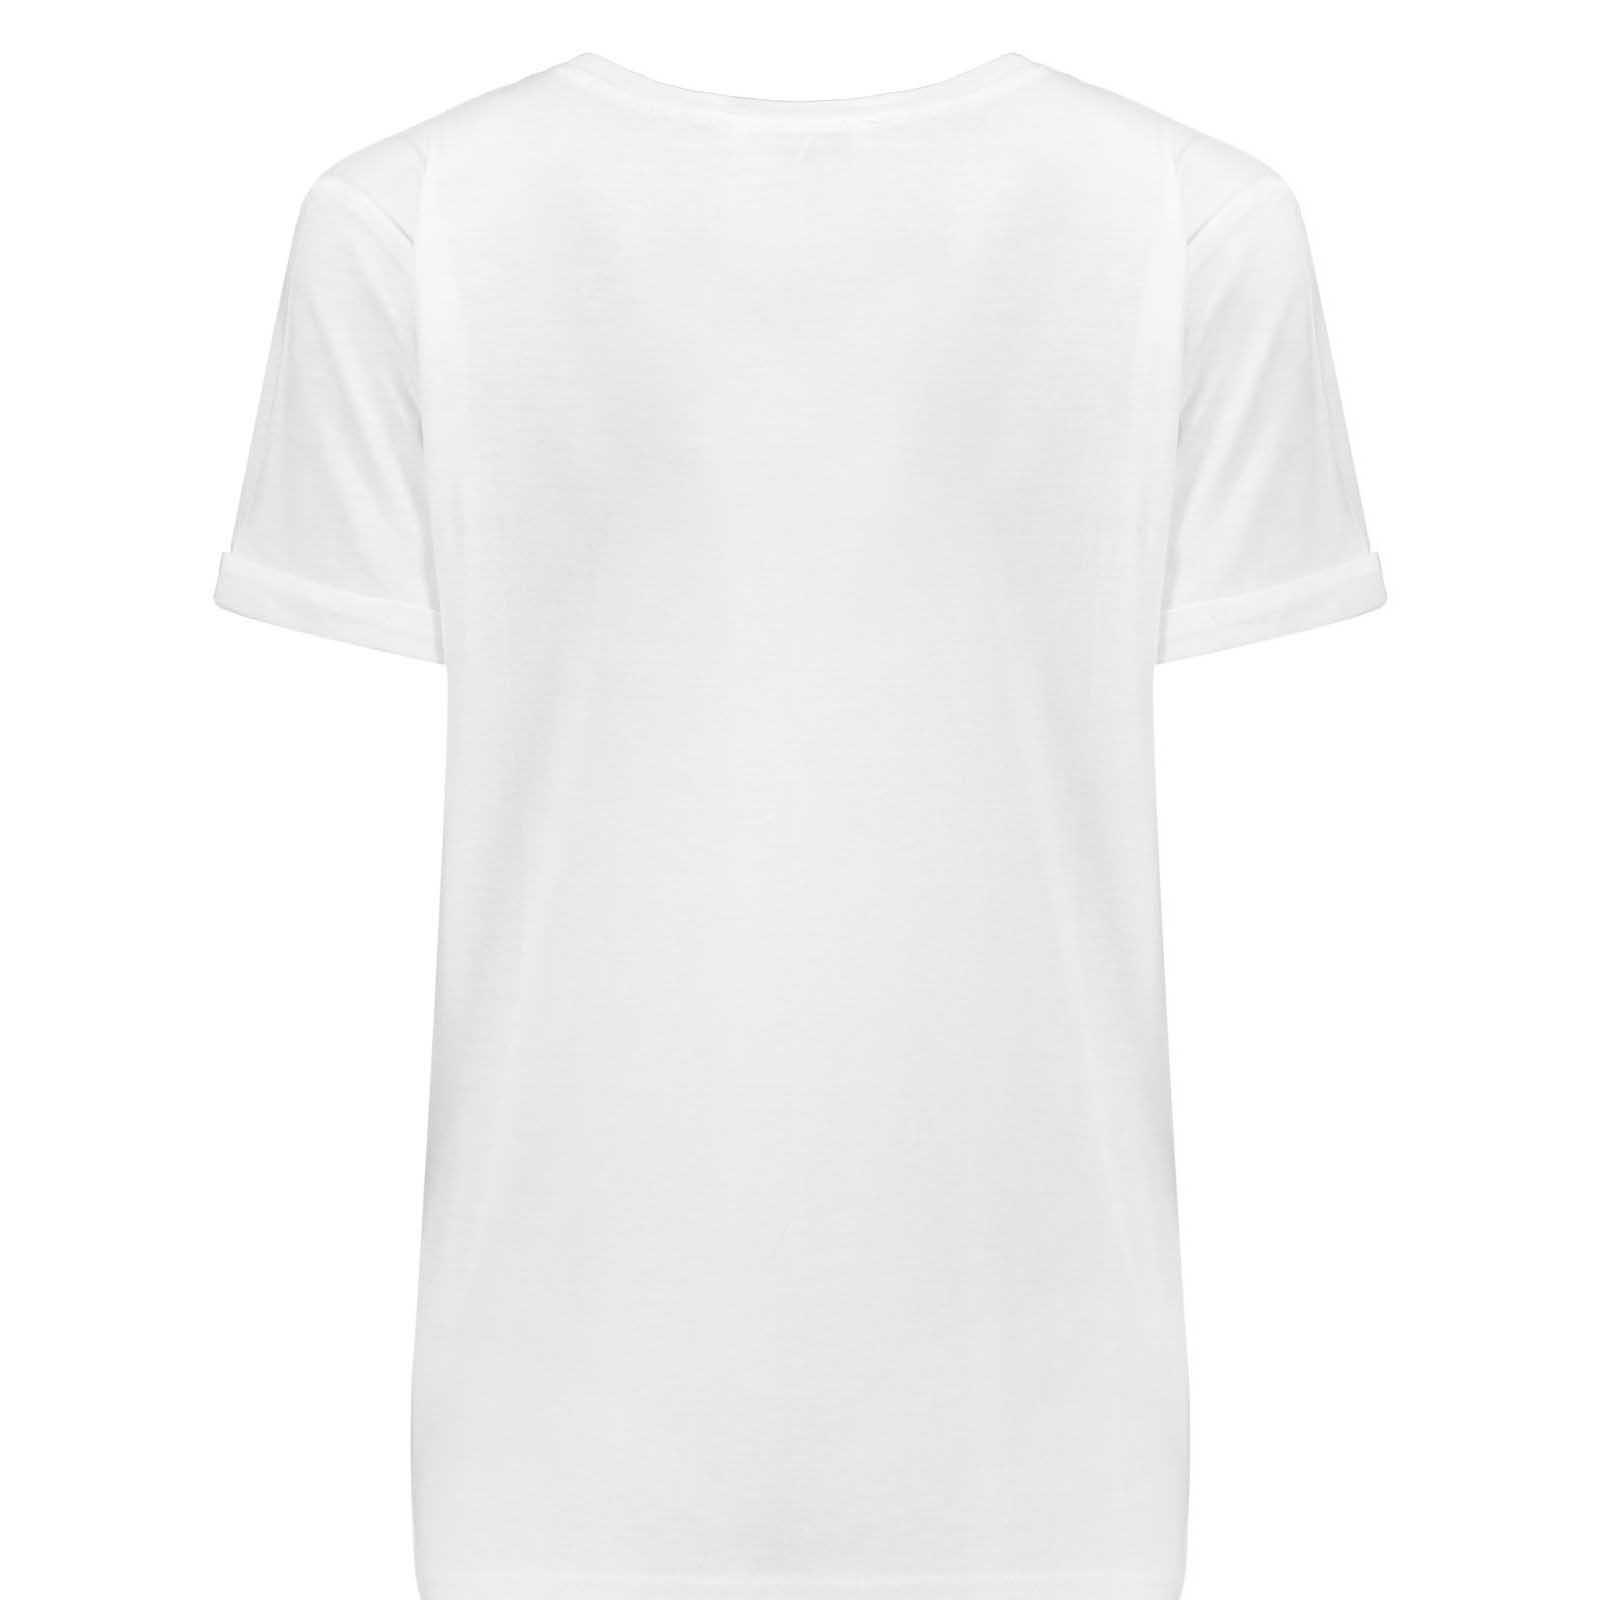 تیشرت آستین کوتاه زنانه کد b12 رنگ سفید